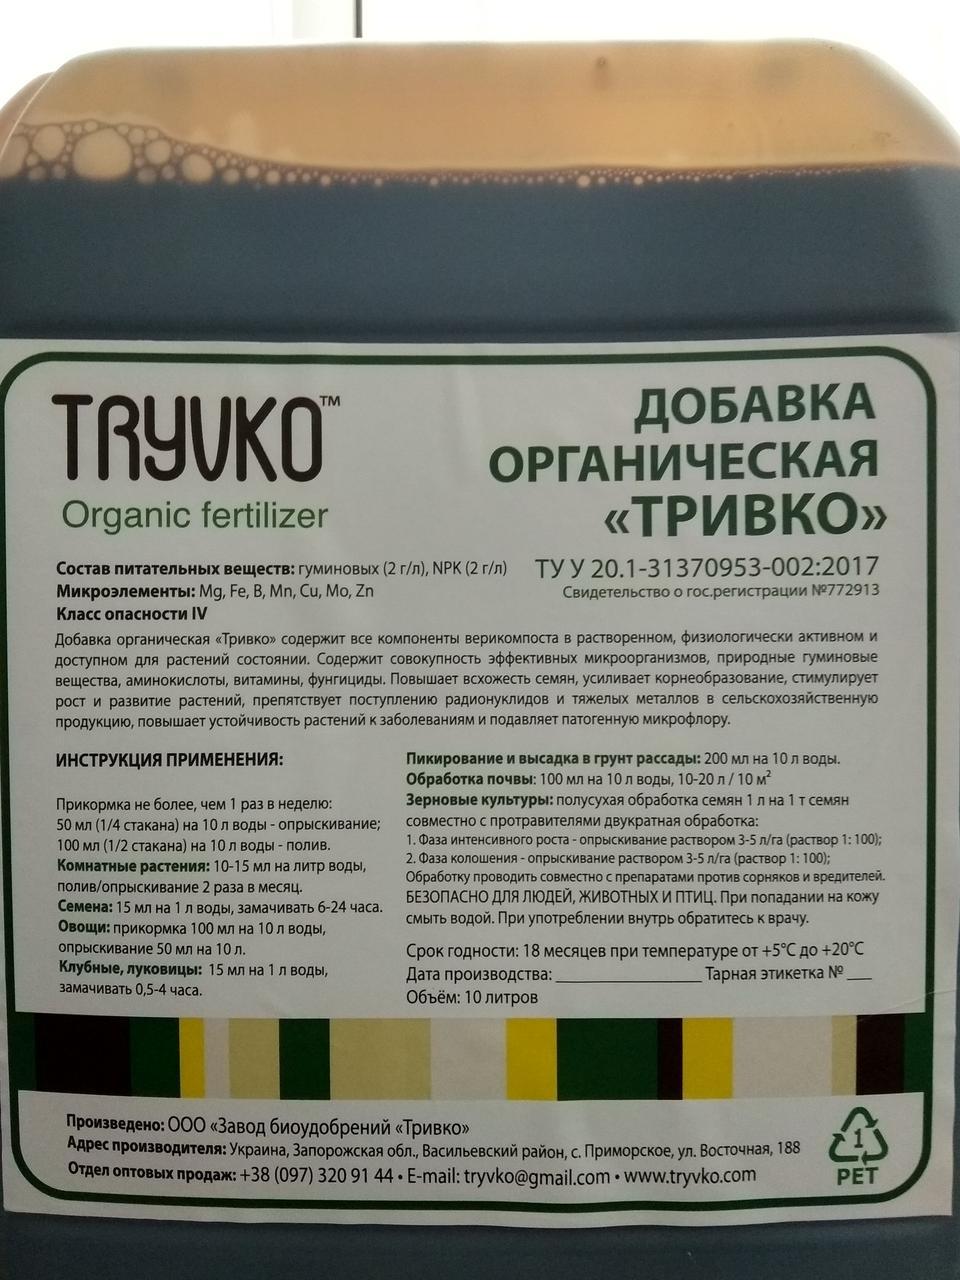 Органическое удобрение, концентрат биогумуса. Для Тепличных/домашних/зерновых растений. 10л на 1 куб воды.